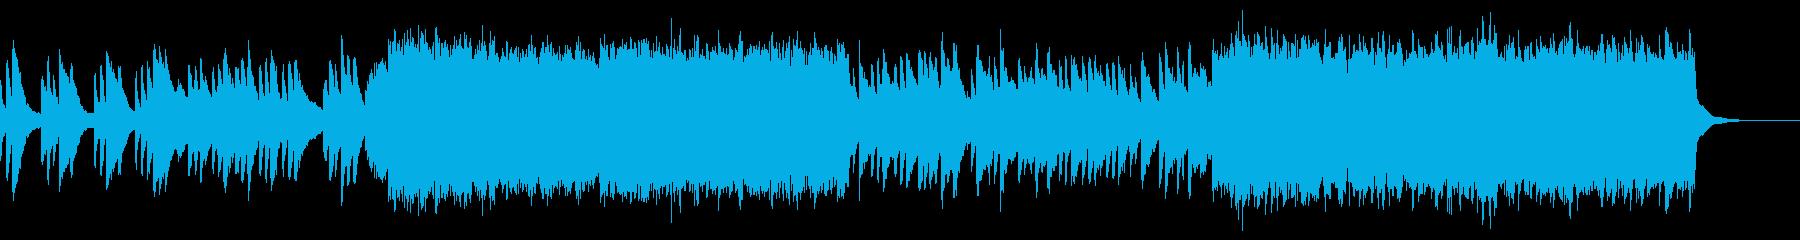 感動的で希望に満ちた管弦楽曲の再生済みの波形